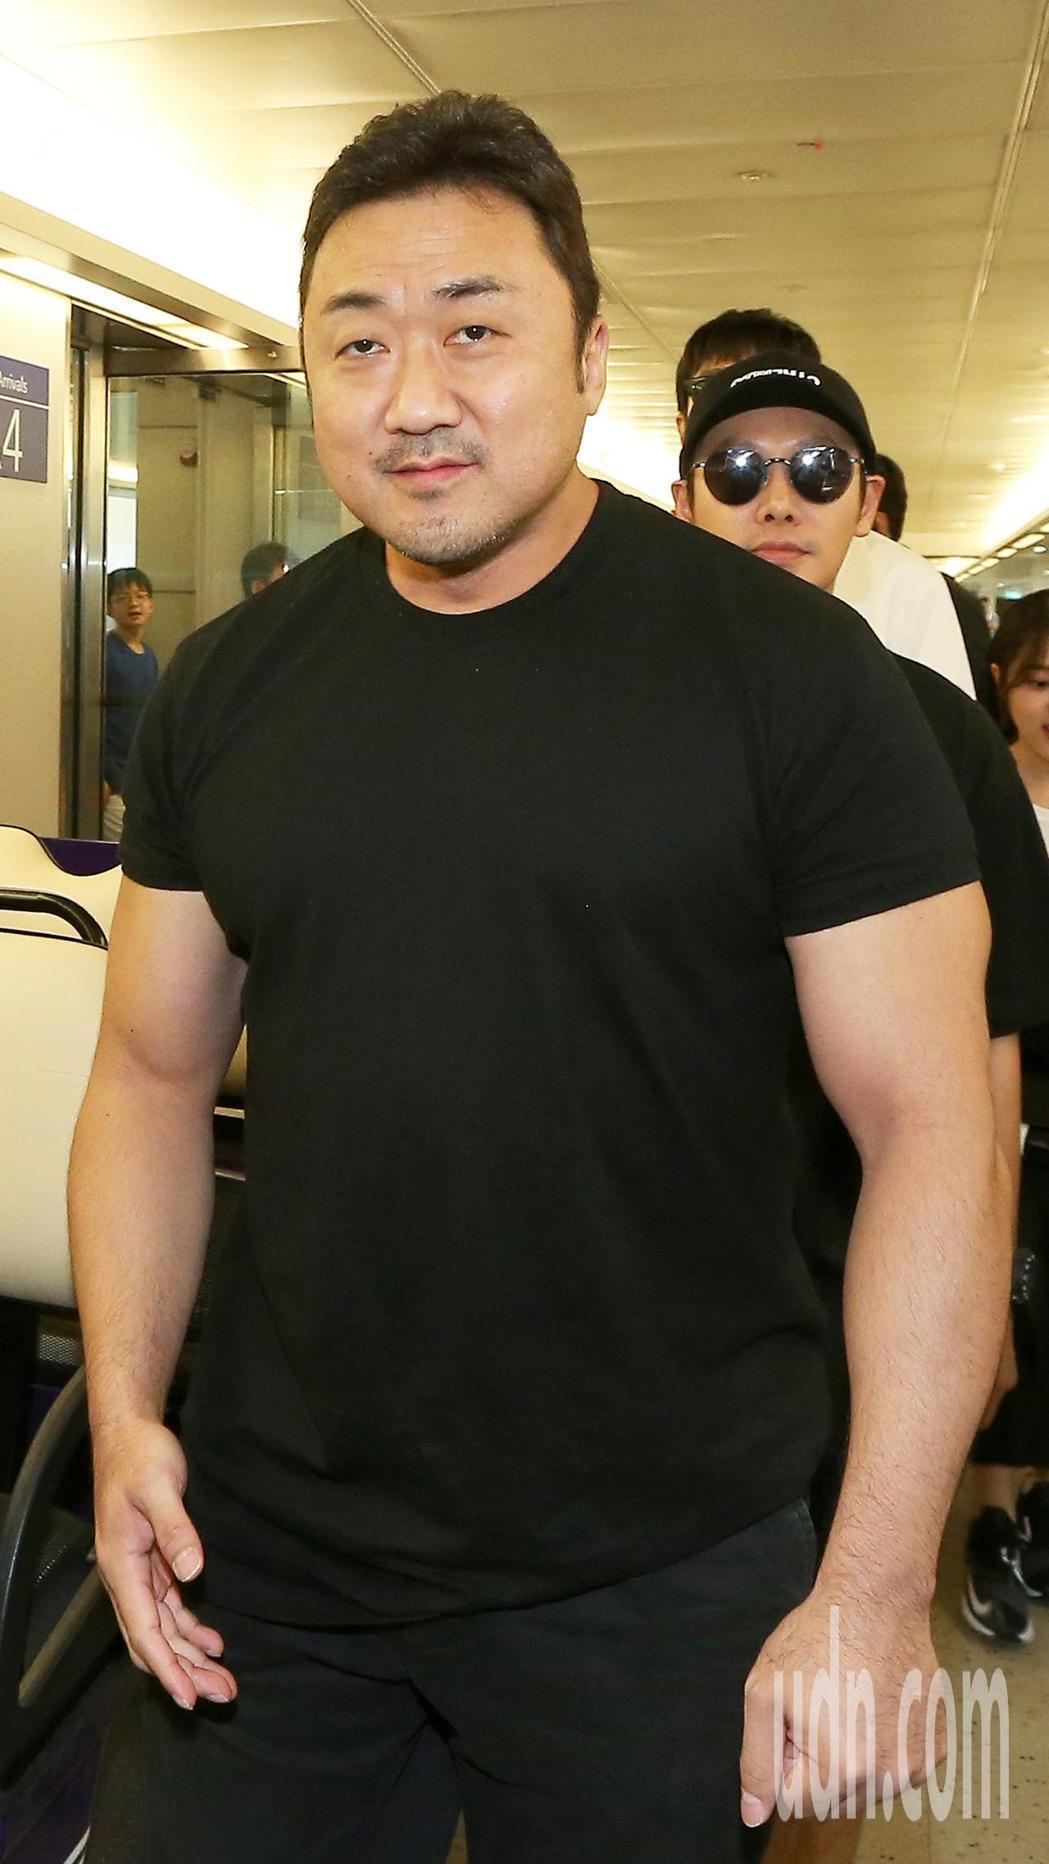 馬東石來台宣傳電影「與神同行:最終審判」。記者陳嘉寧/攝影